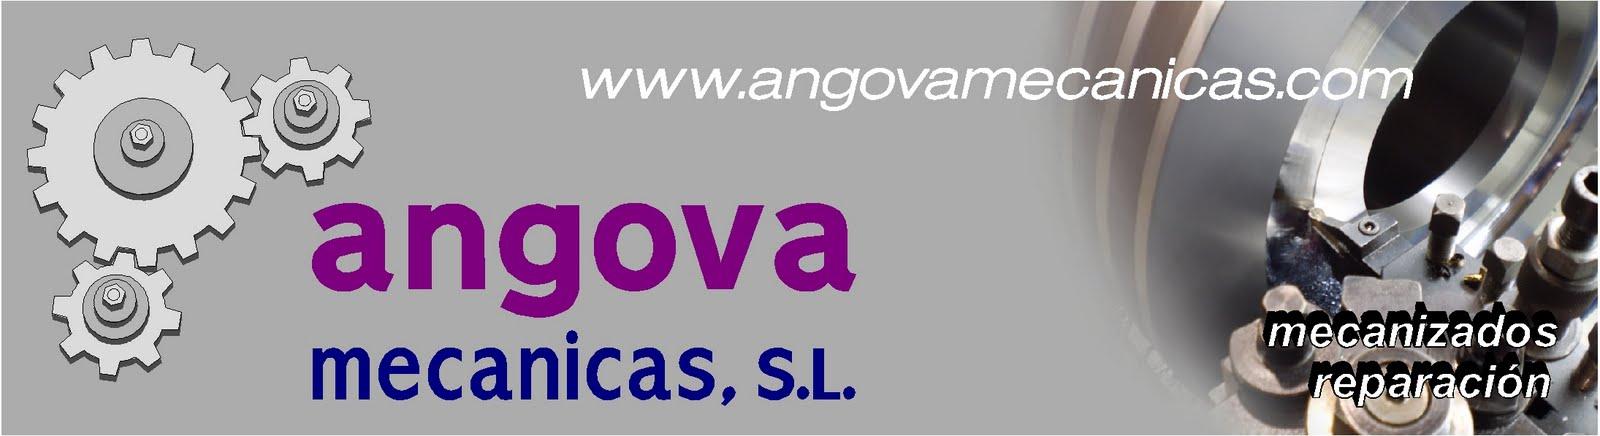 angova Mecanicas,s.l.